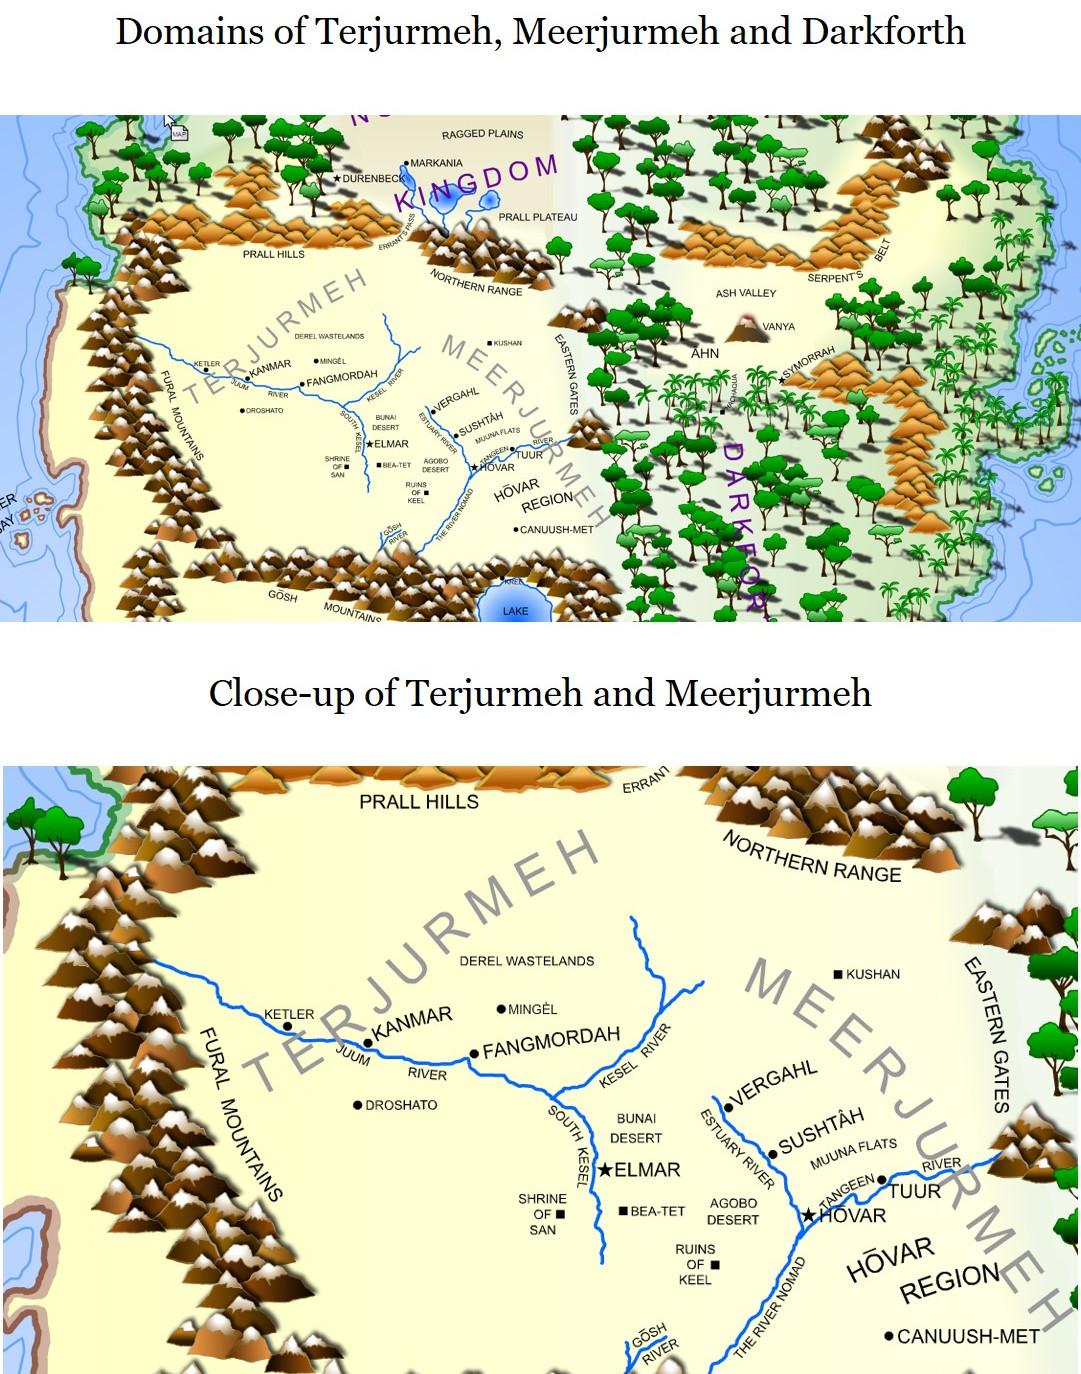 Map of Acia - Terjurmeh, Meerjurmeh and Darkforth